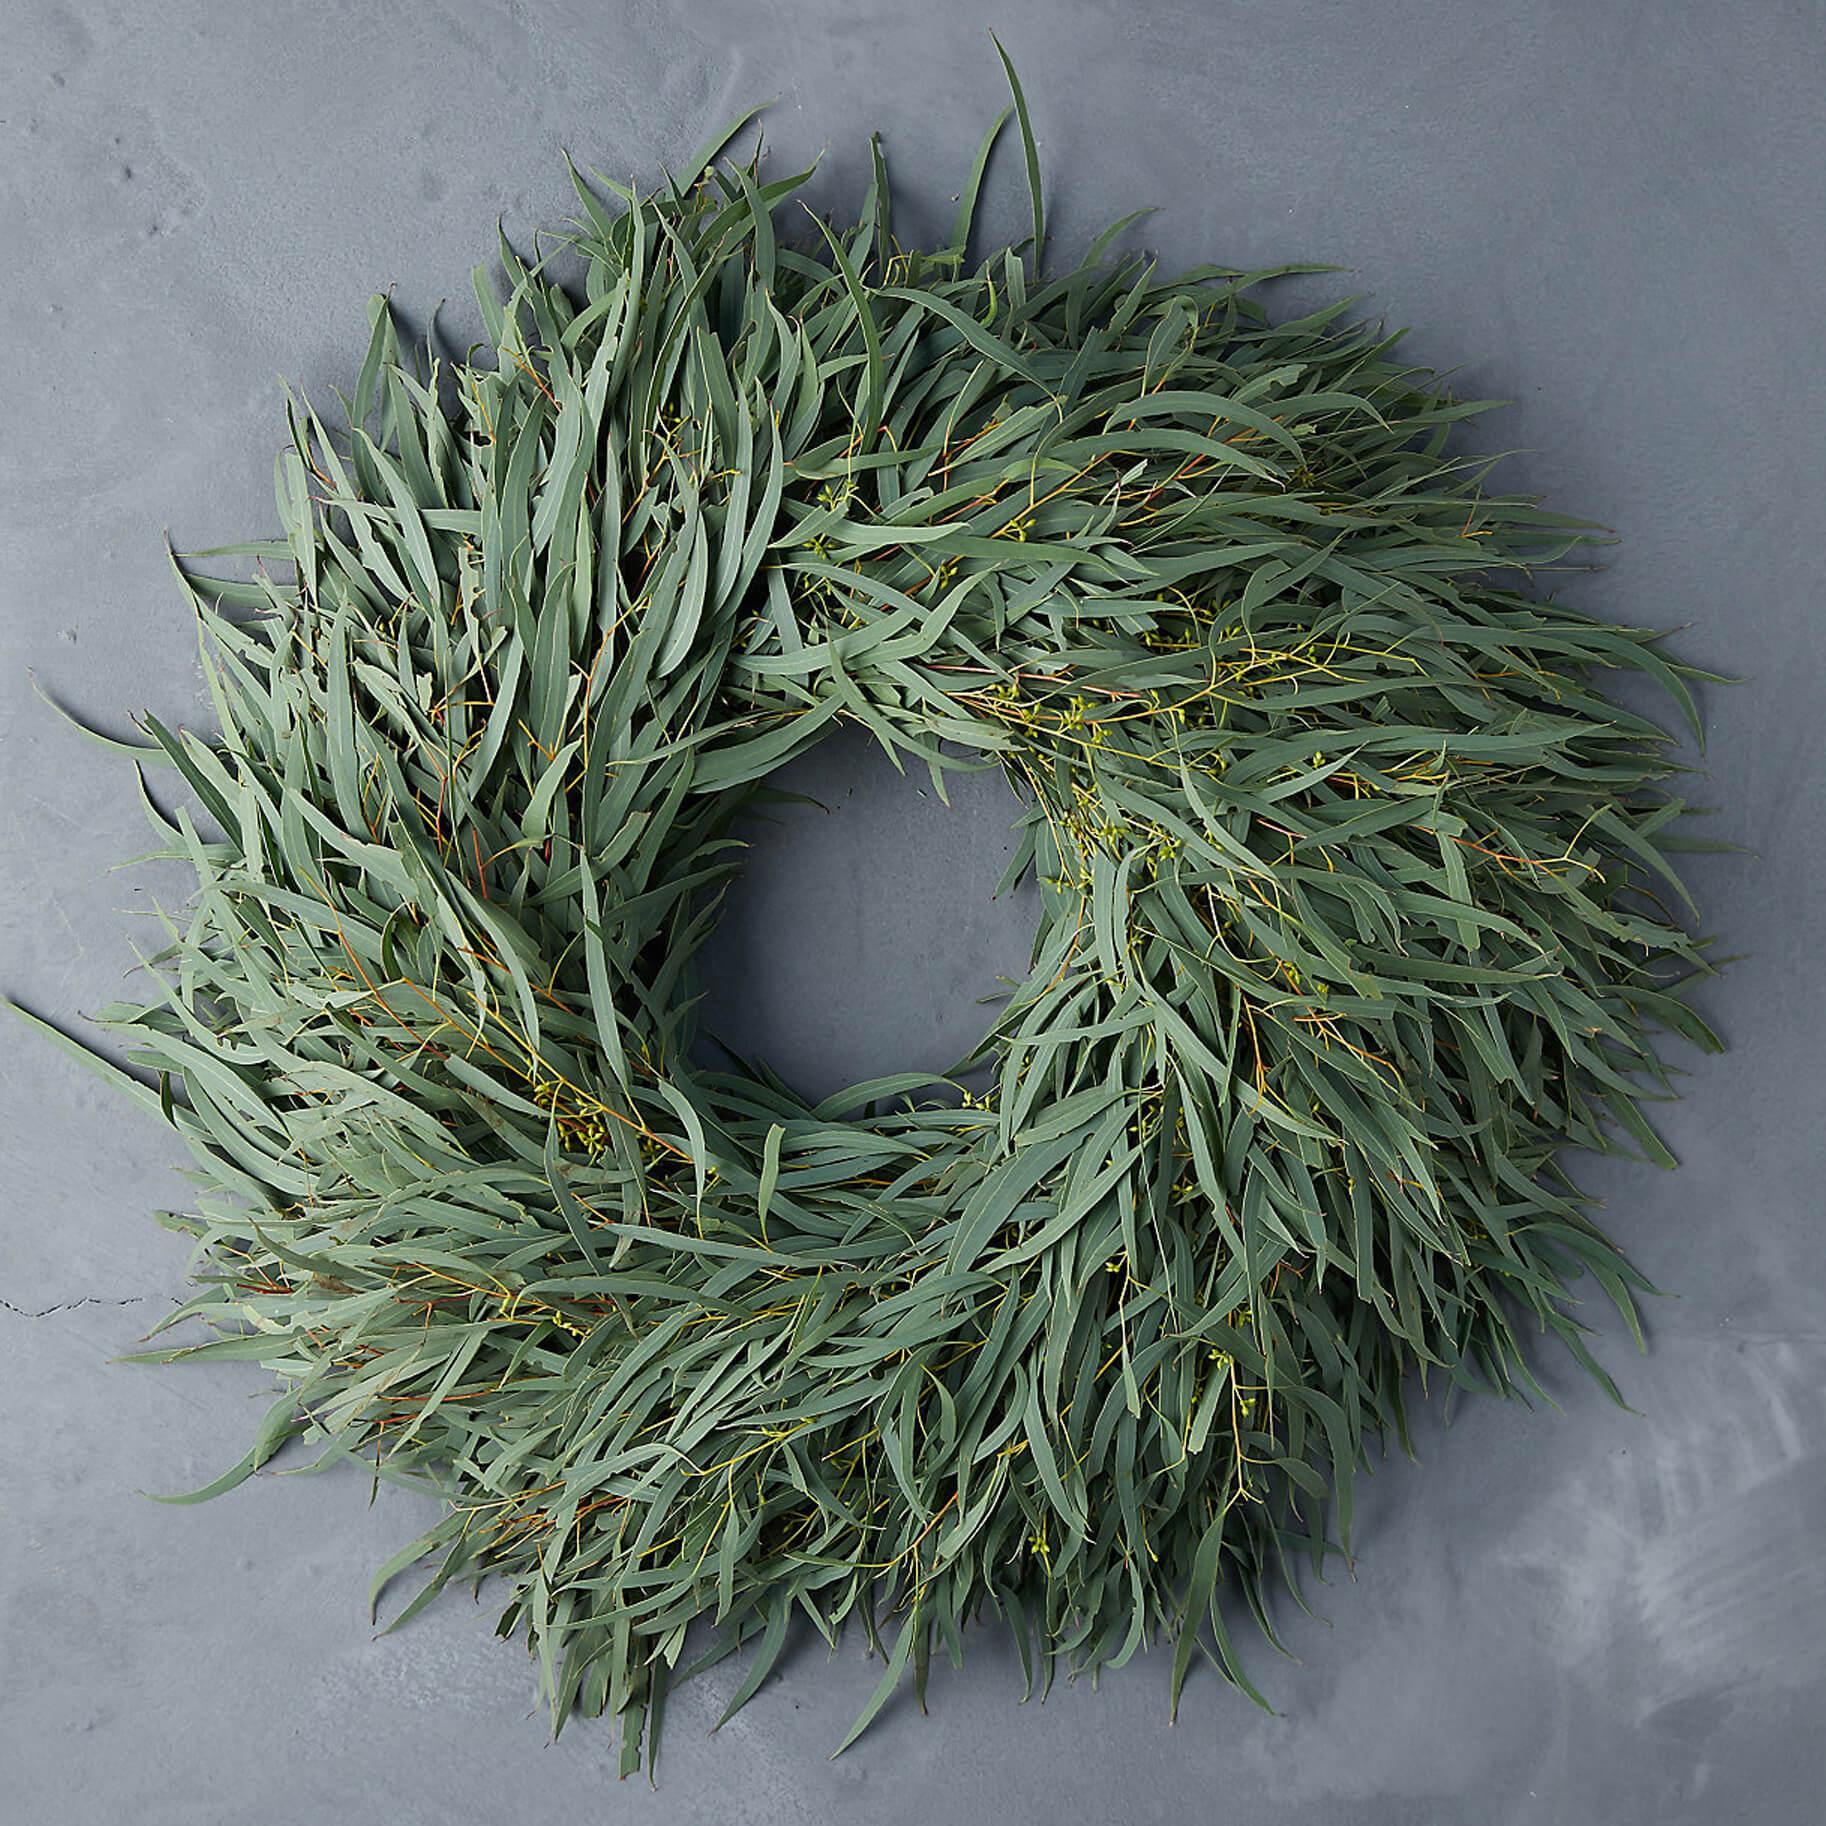 The Best Holiday Wreaths Option: Fresh Eucalyptus Wreath